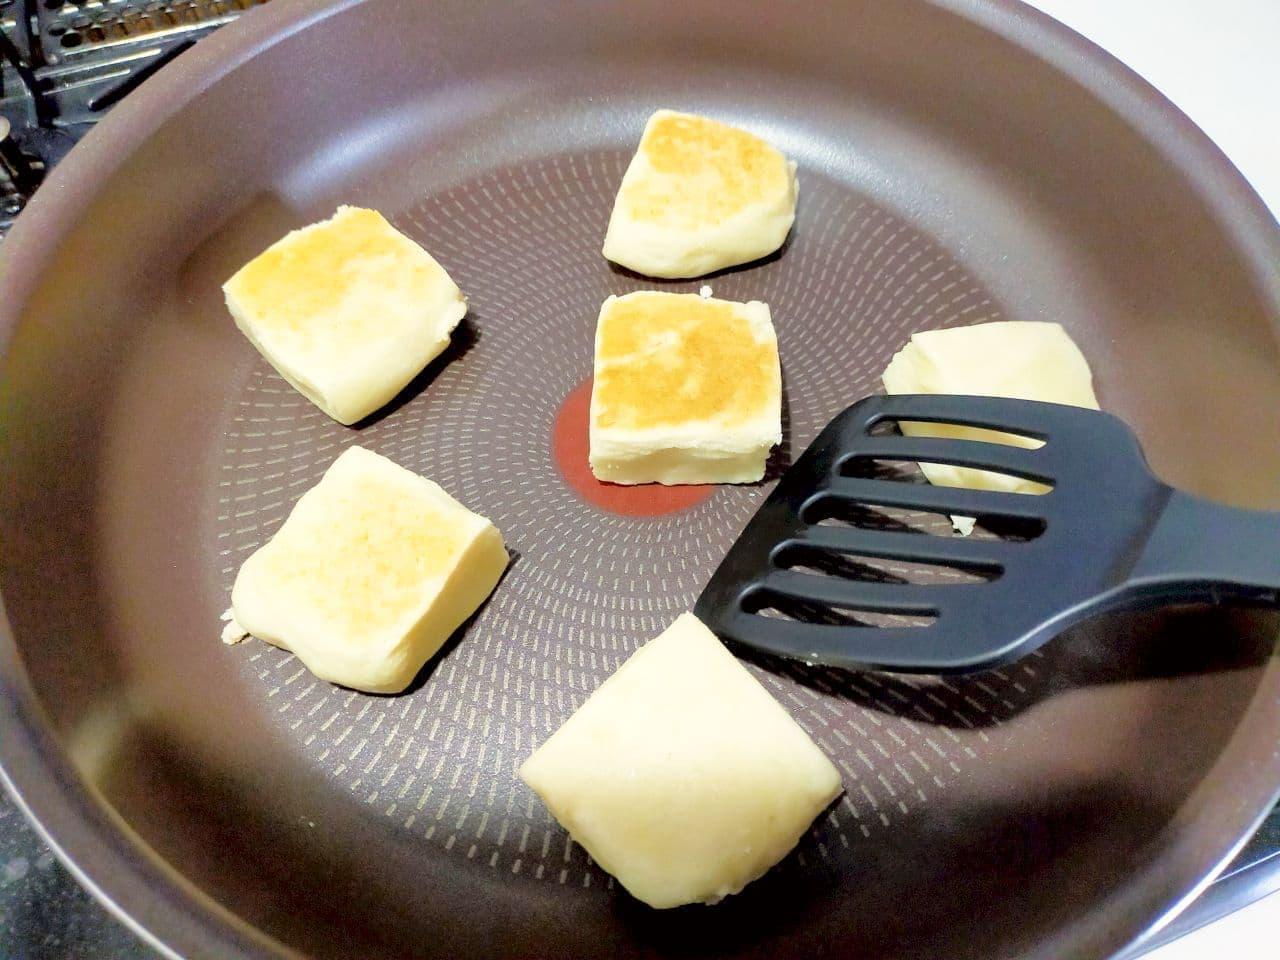 HM&フライパンで簡単「キャンプビスケット」レシピ